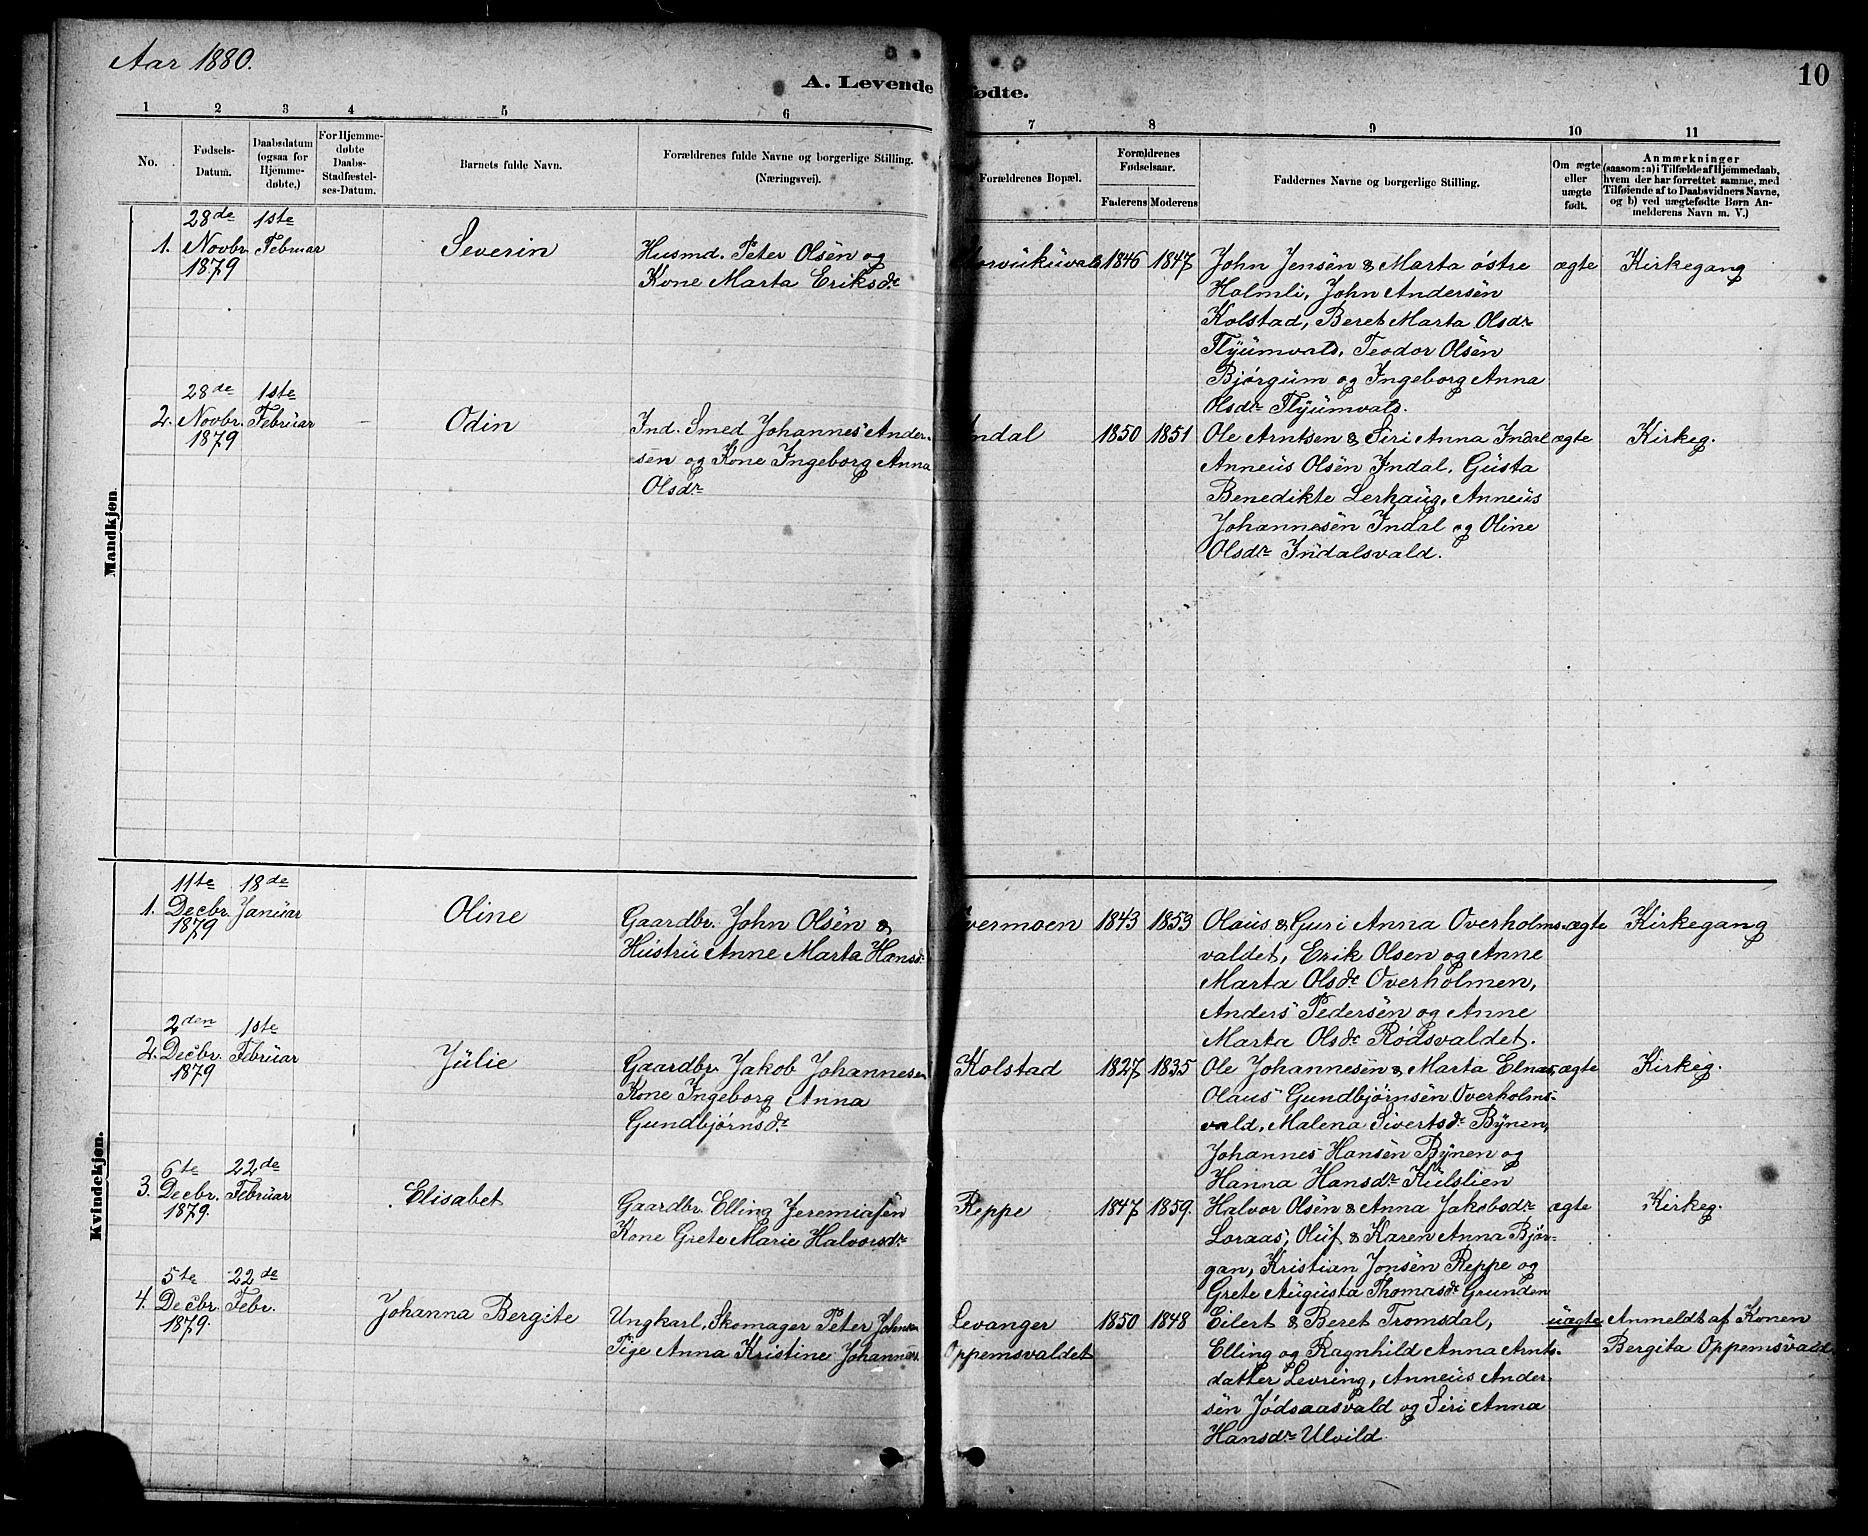 SAT, Ministerialprotokoller, klokkerbøker og fødselsregistre - Nord-Trøndelag, 724/L0267: Klokkerbok nr. 724C03, 1879-1898, s. 10